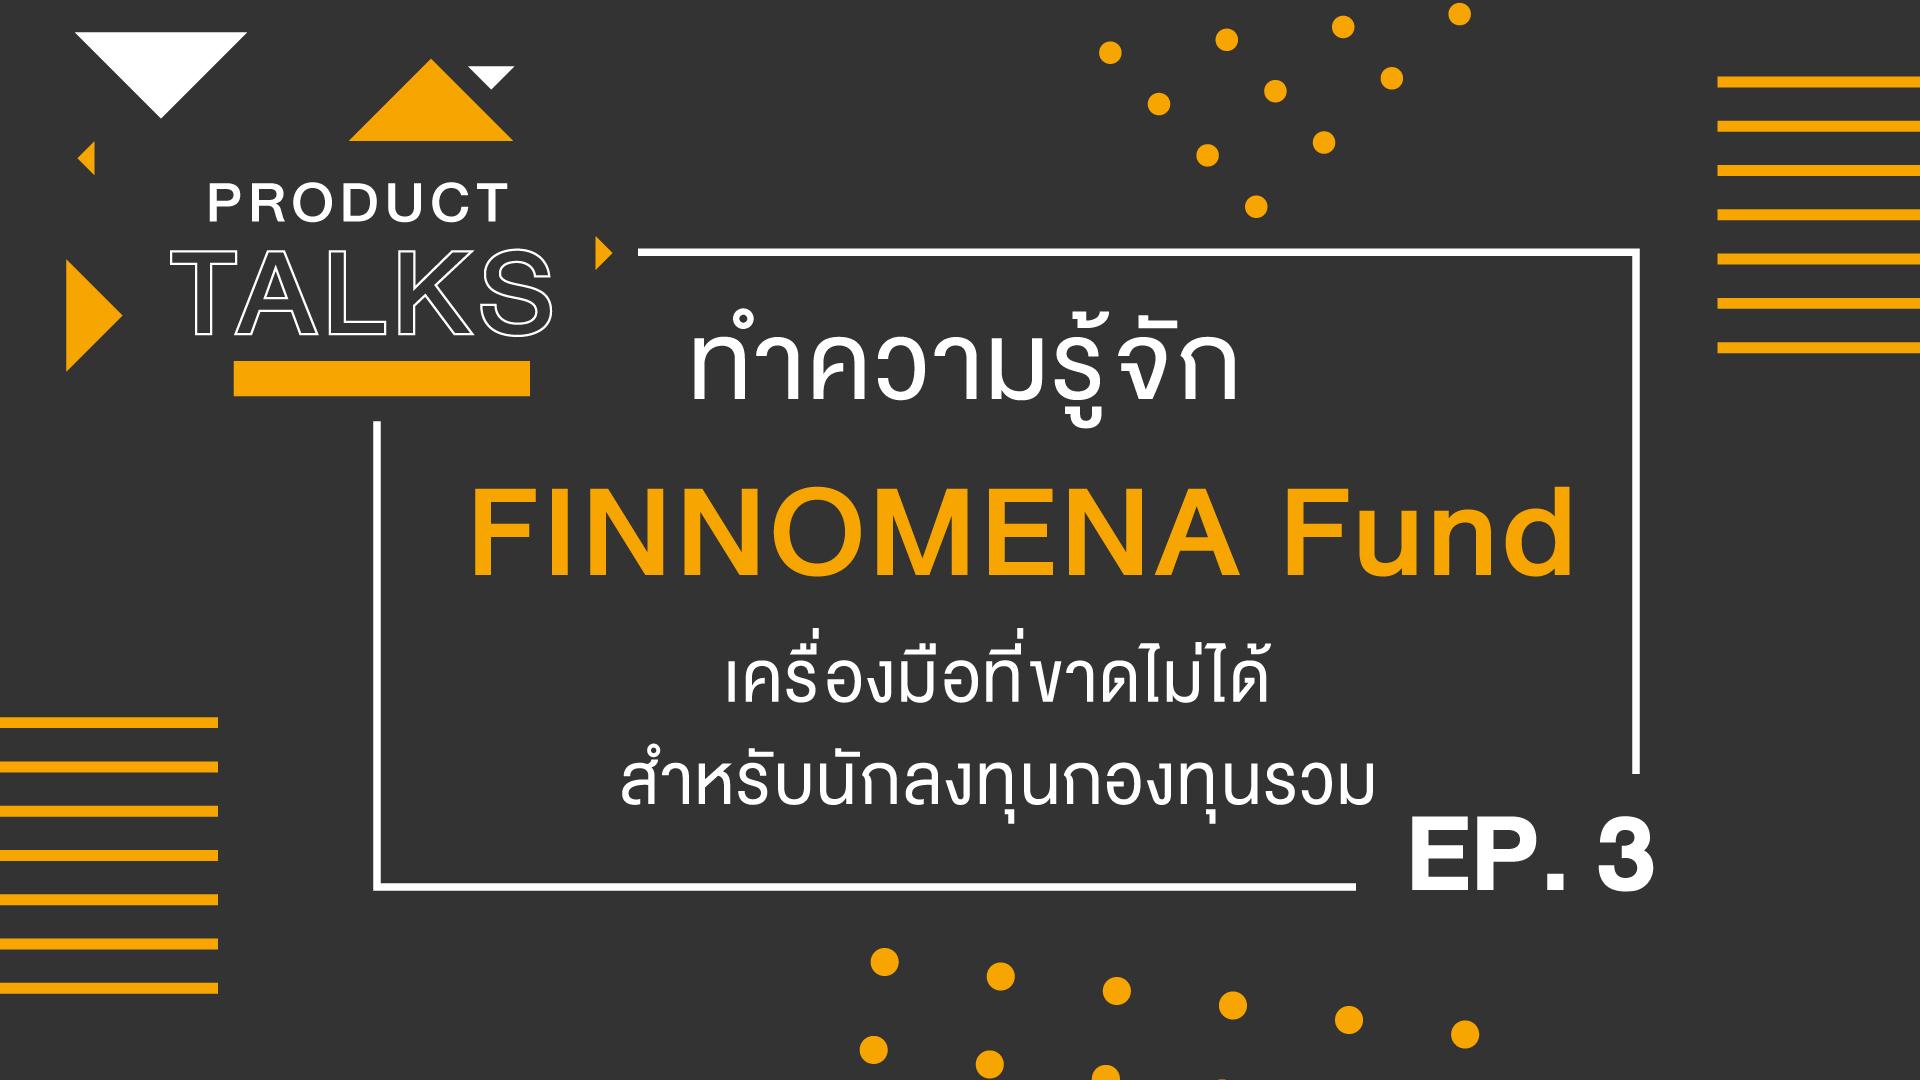 Product Talks : EP.3 ทำความรู้จัก FINNOMENA Fund เครื่องมือที่ขาดไม่ได้สำหรับนักลงทุนกองทุนรวม